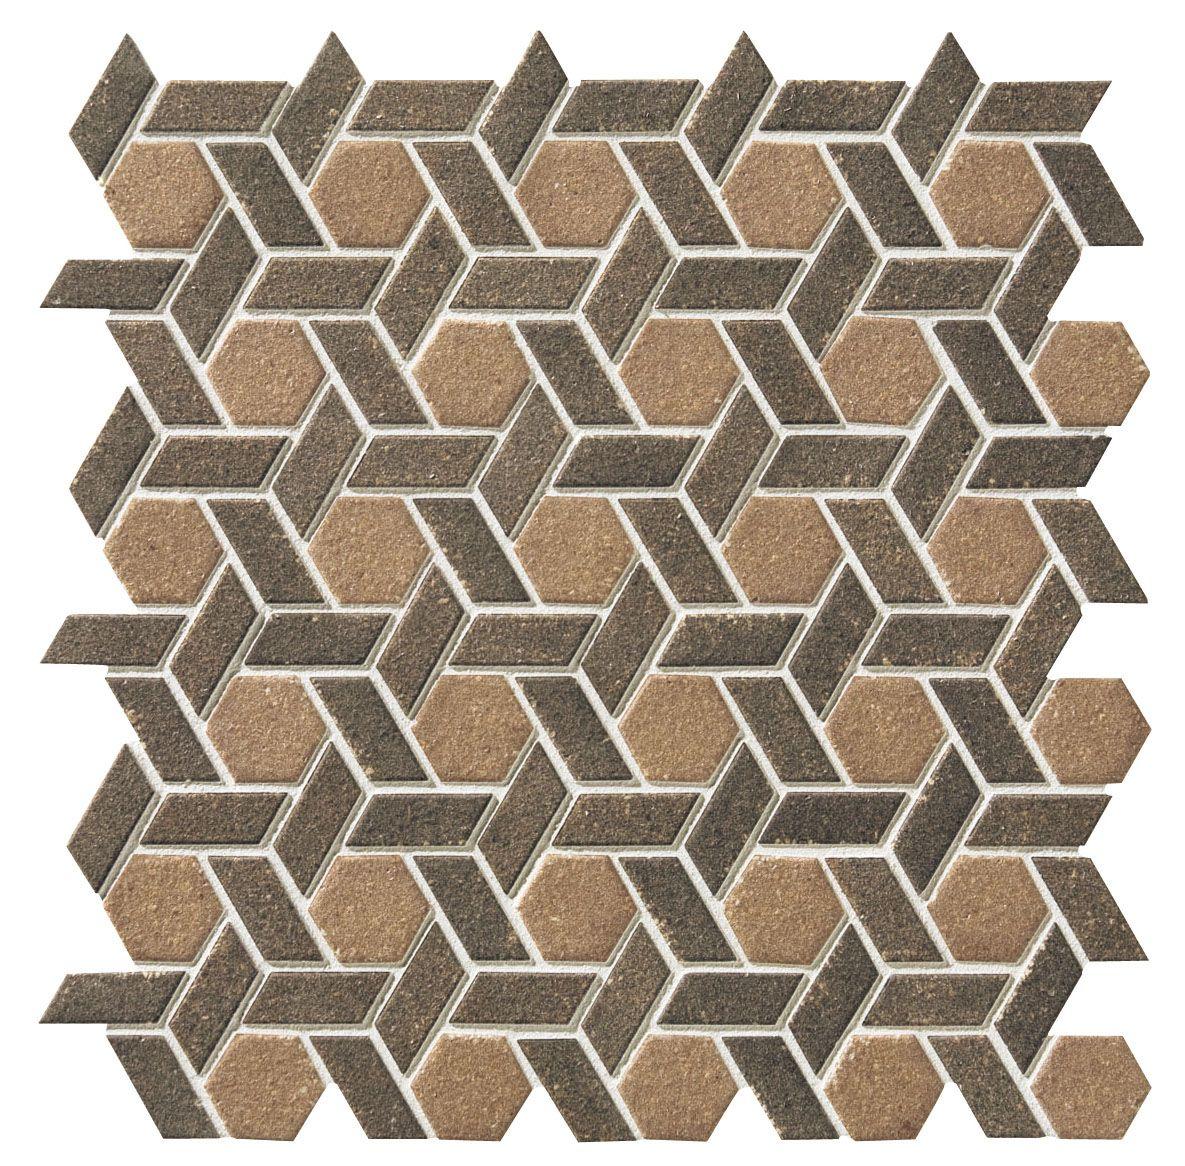 Setto 1- Henro Weave Lattice Blend A